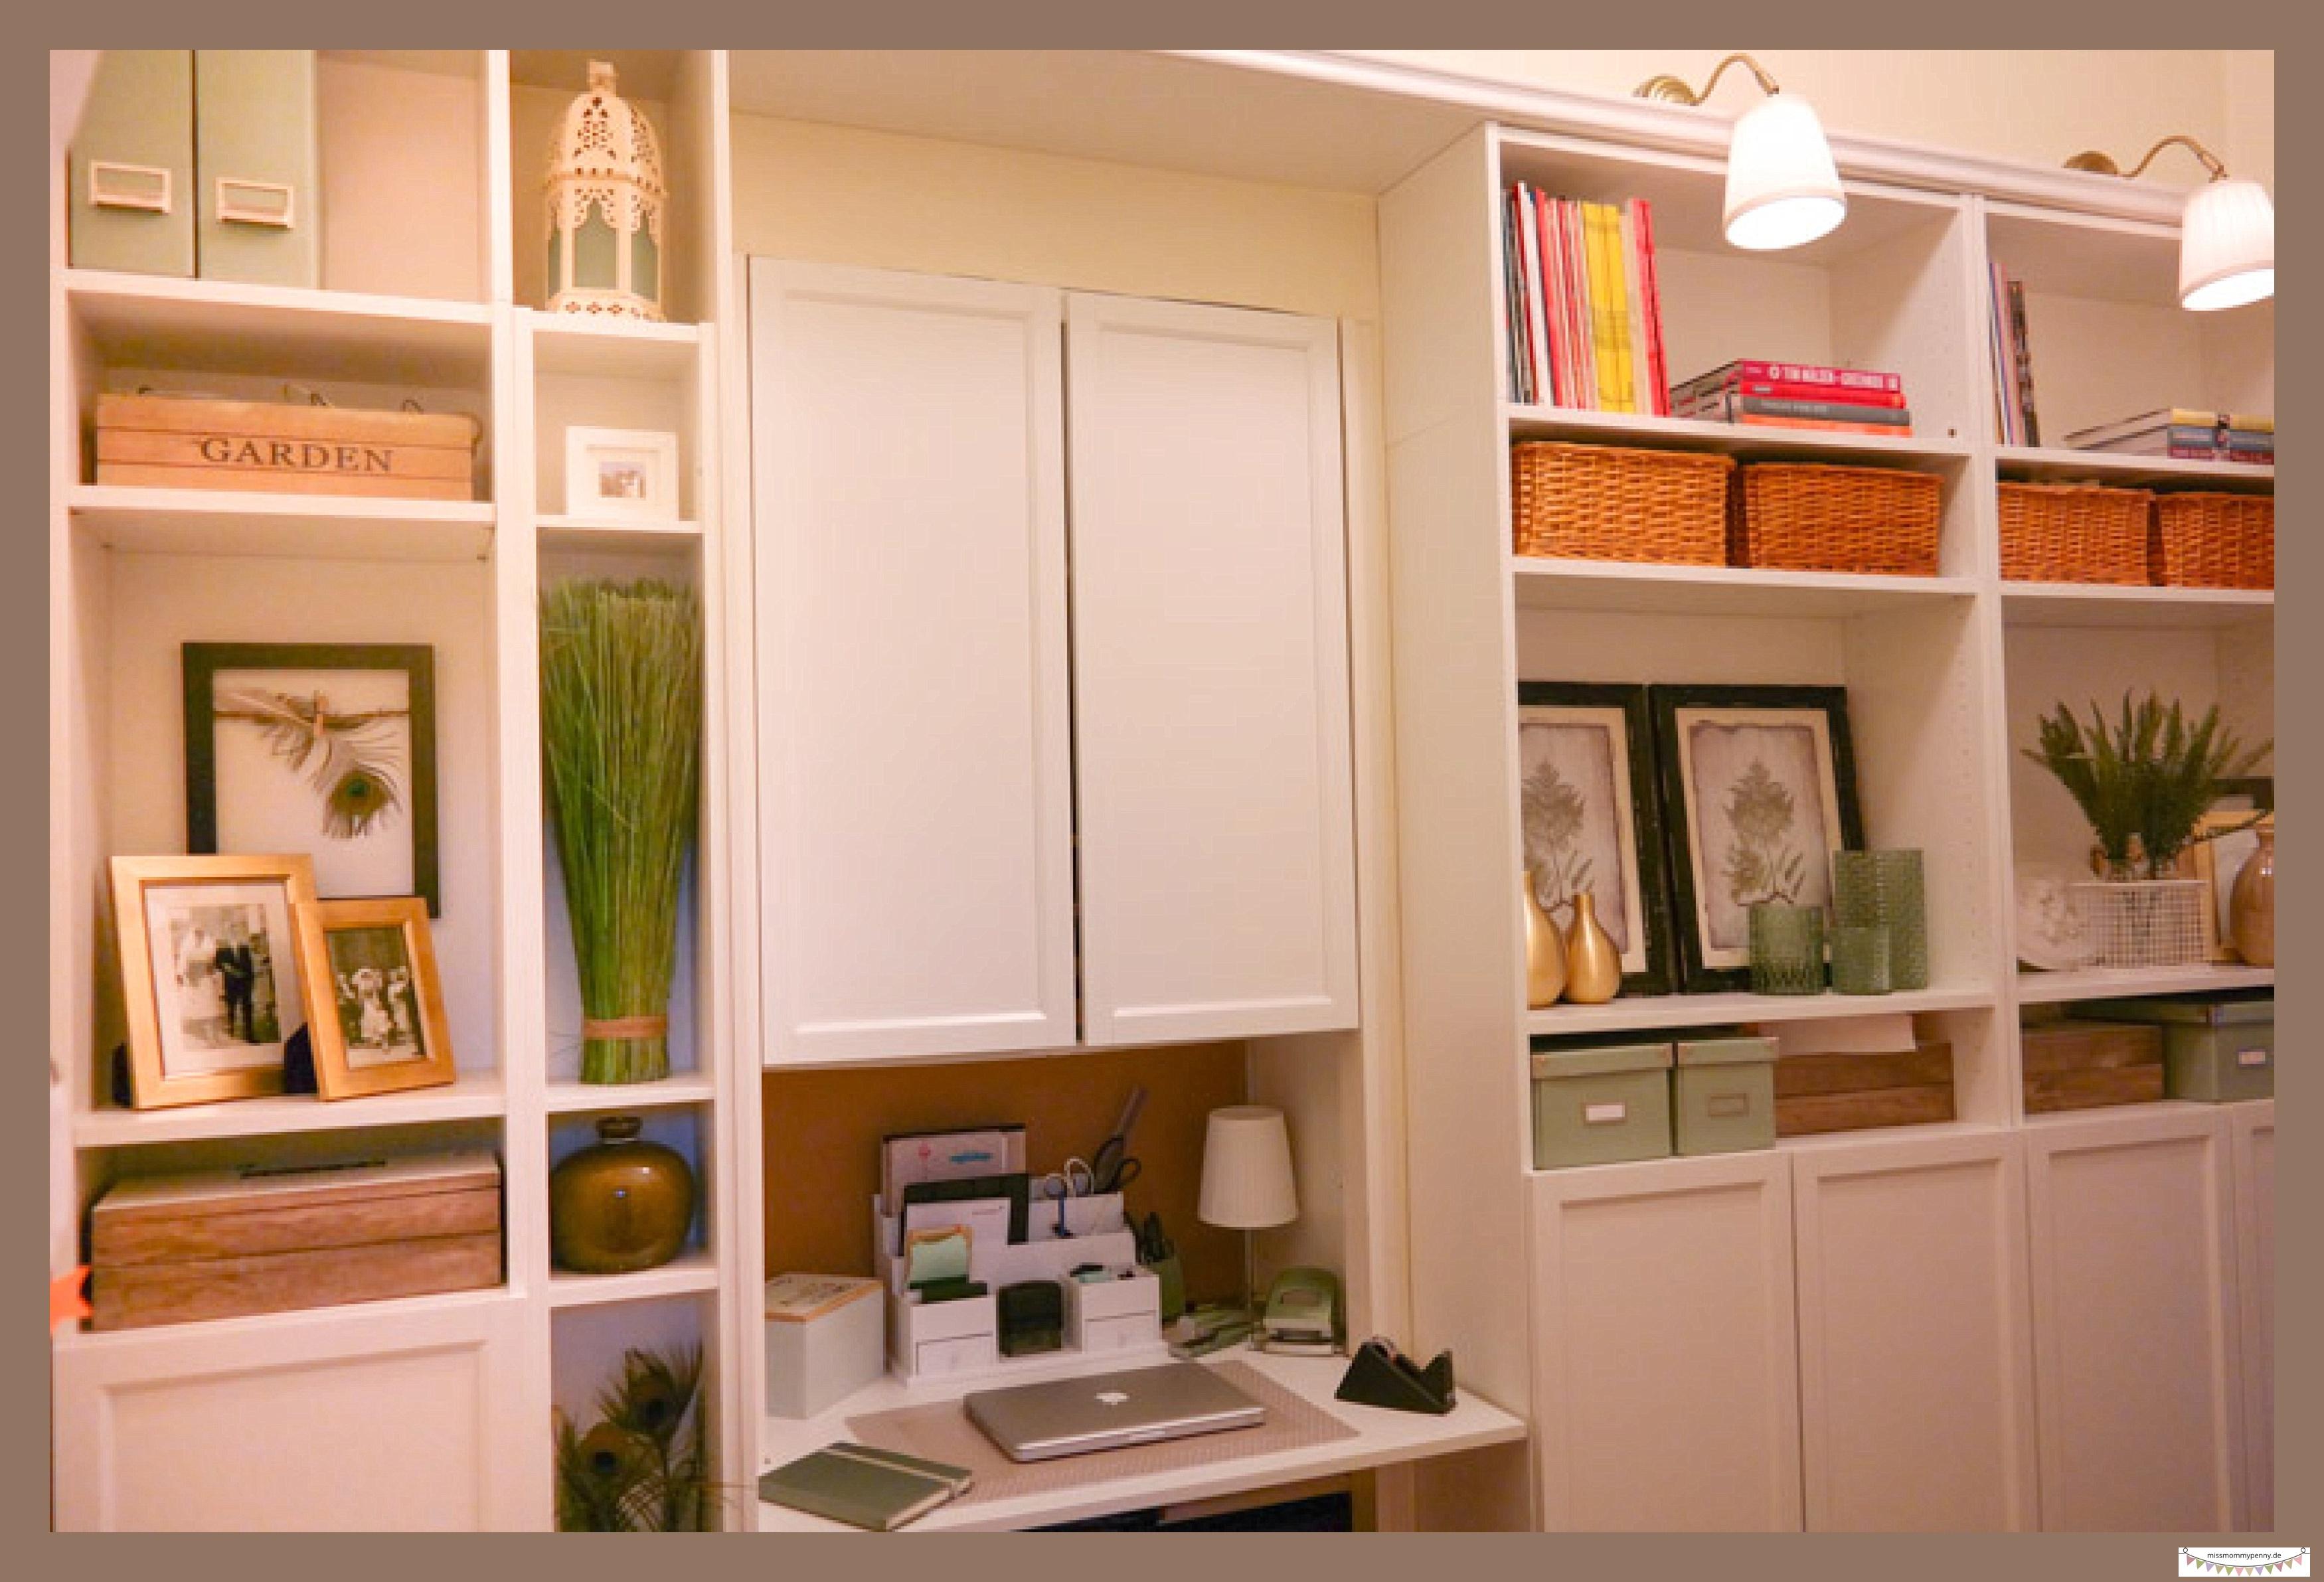 Ikea Einbauschränke einbauschrank im landhausstil selber bauen missmommypenny